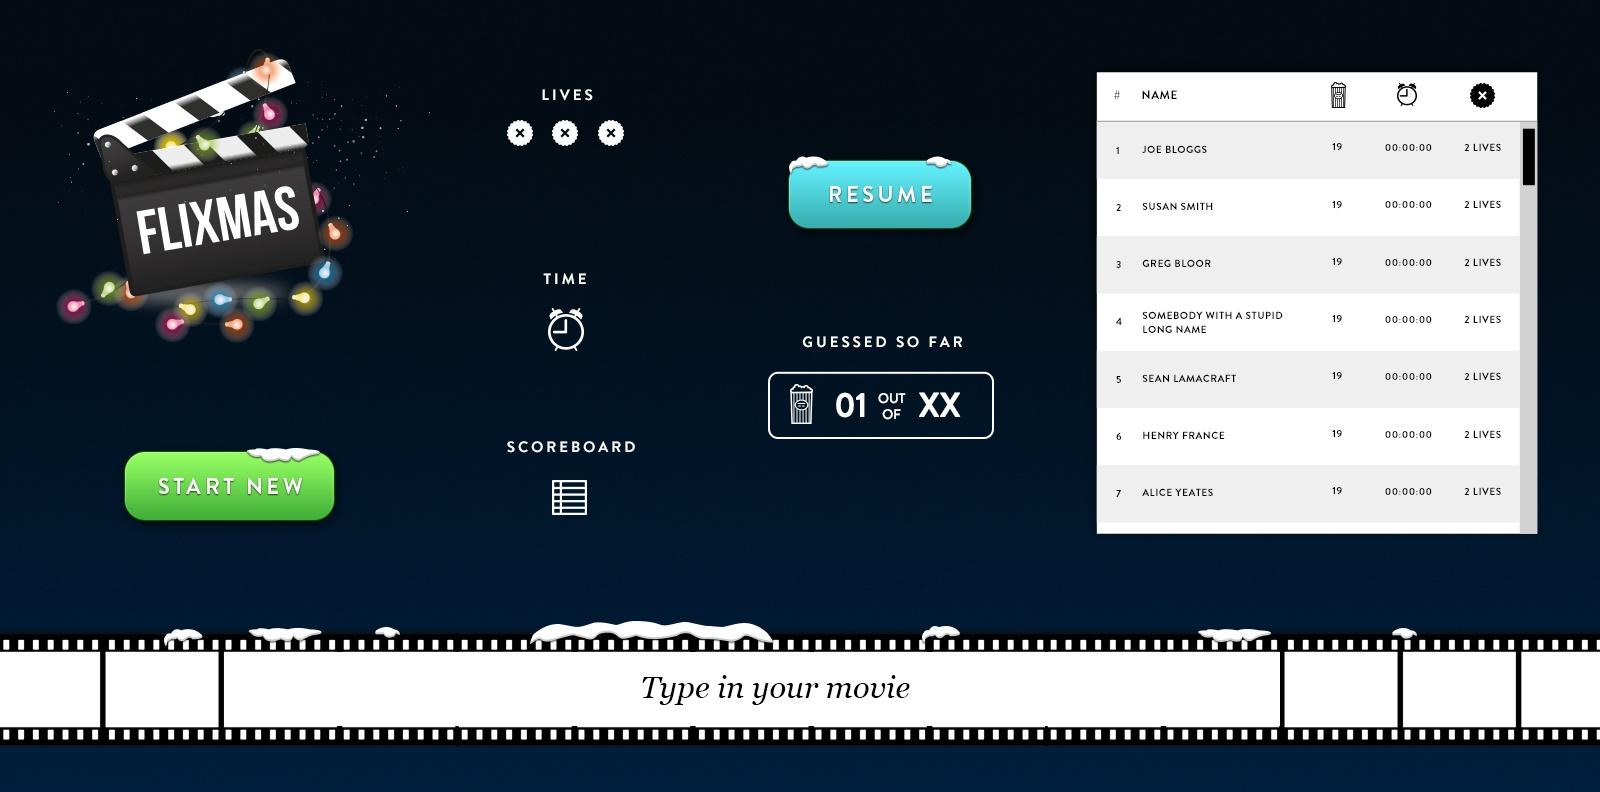 Flixmas - UI Elements